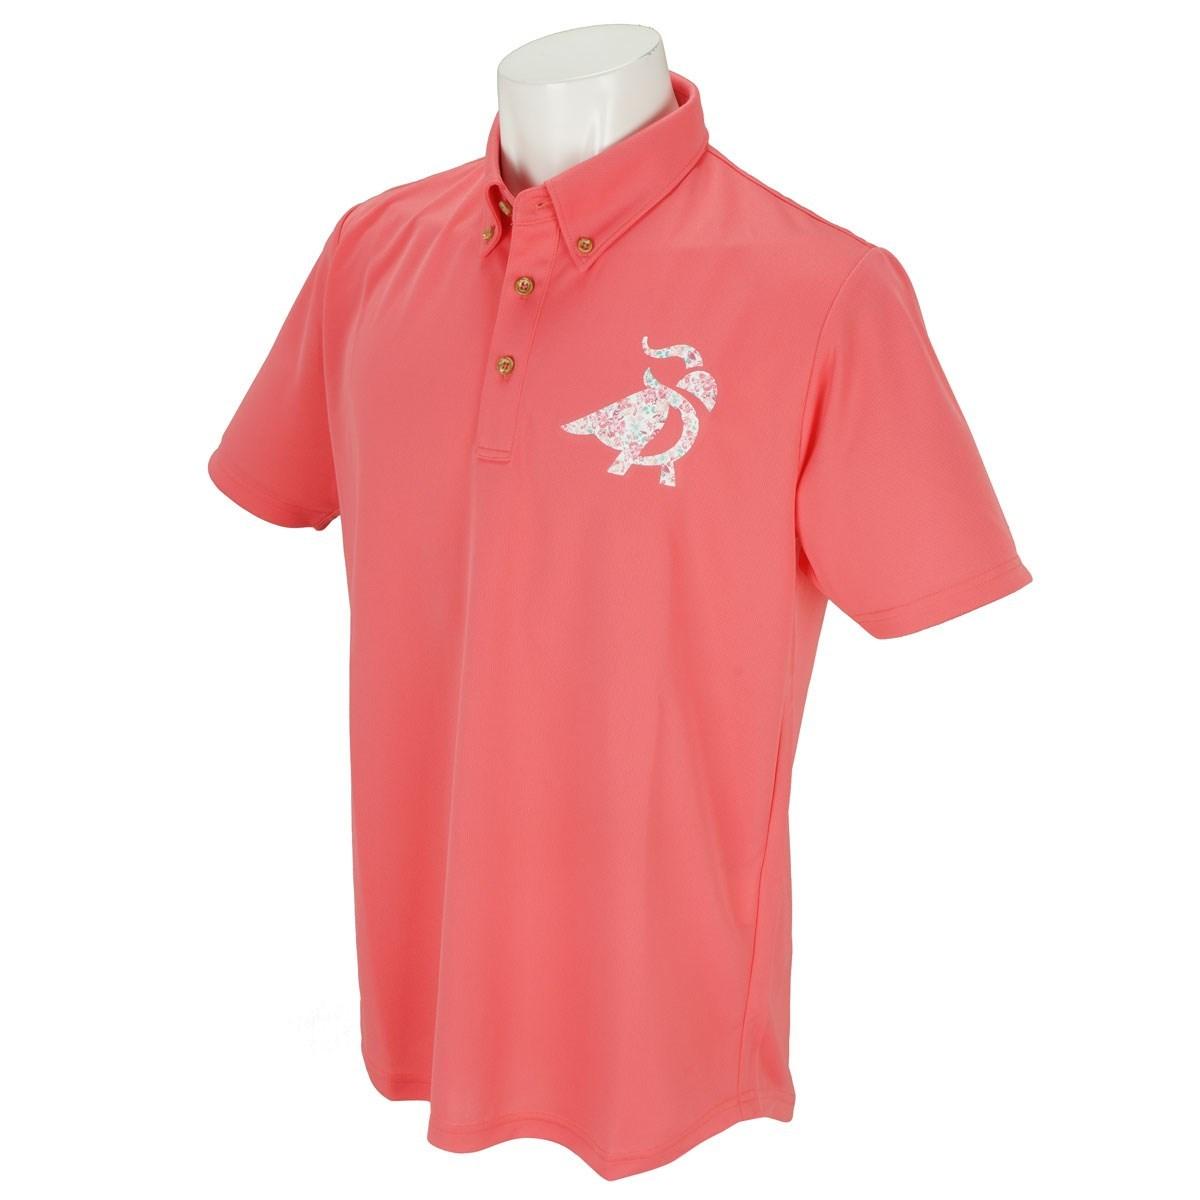 ブリヂストン(BRIDGESTONE GOLF) GDO限定 半袖ポロシャツ